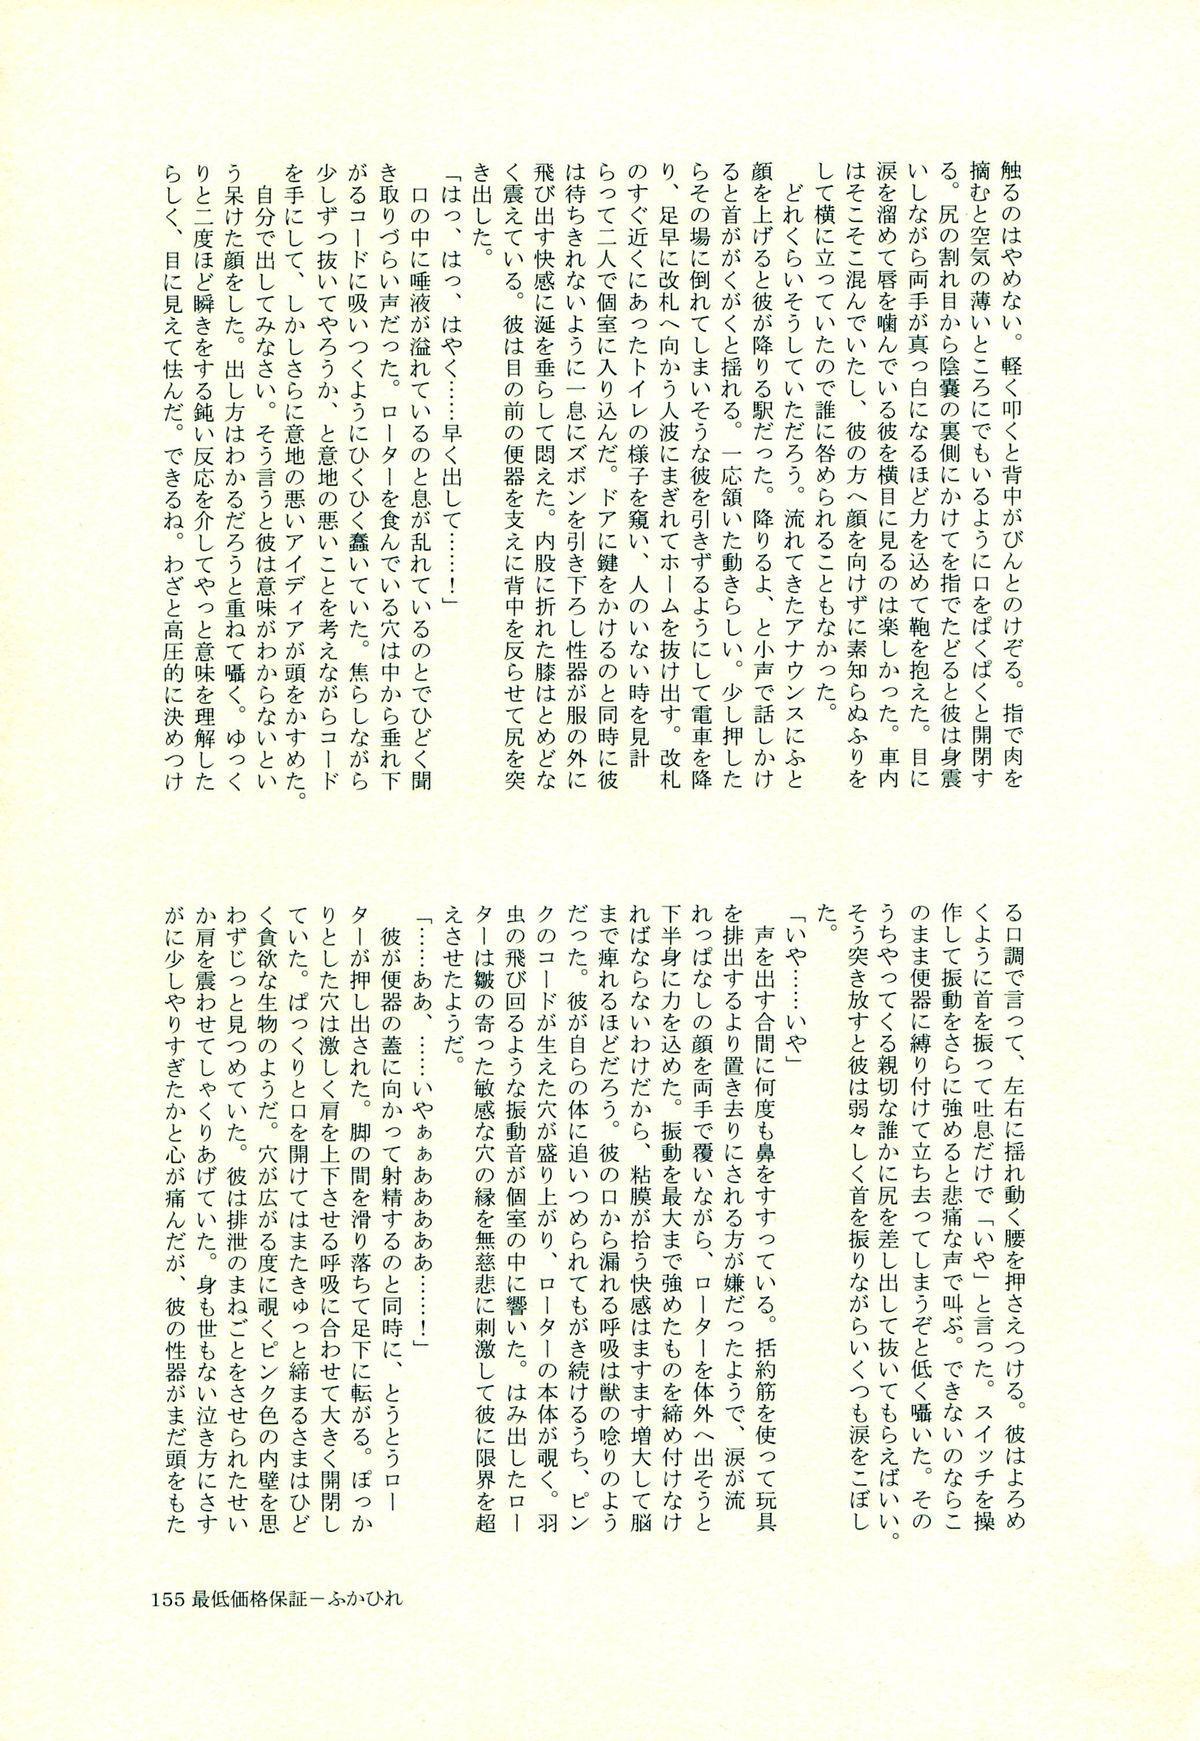 Hinata Hajime no Himitsu no Jikan 153